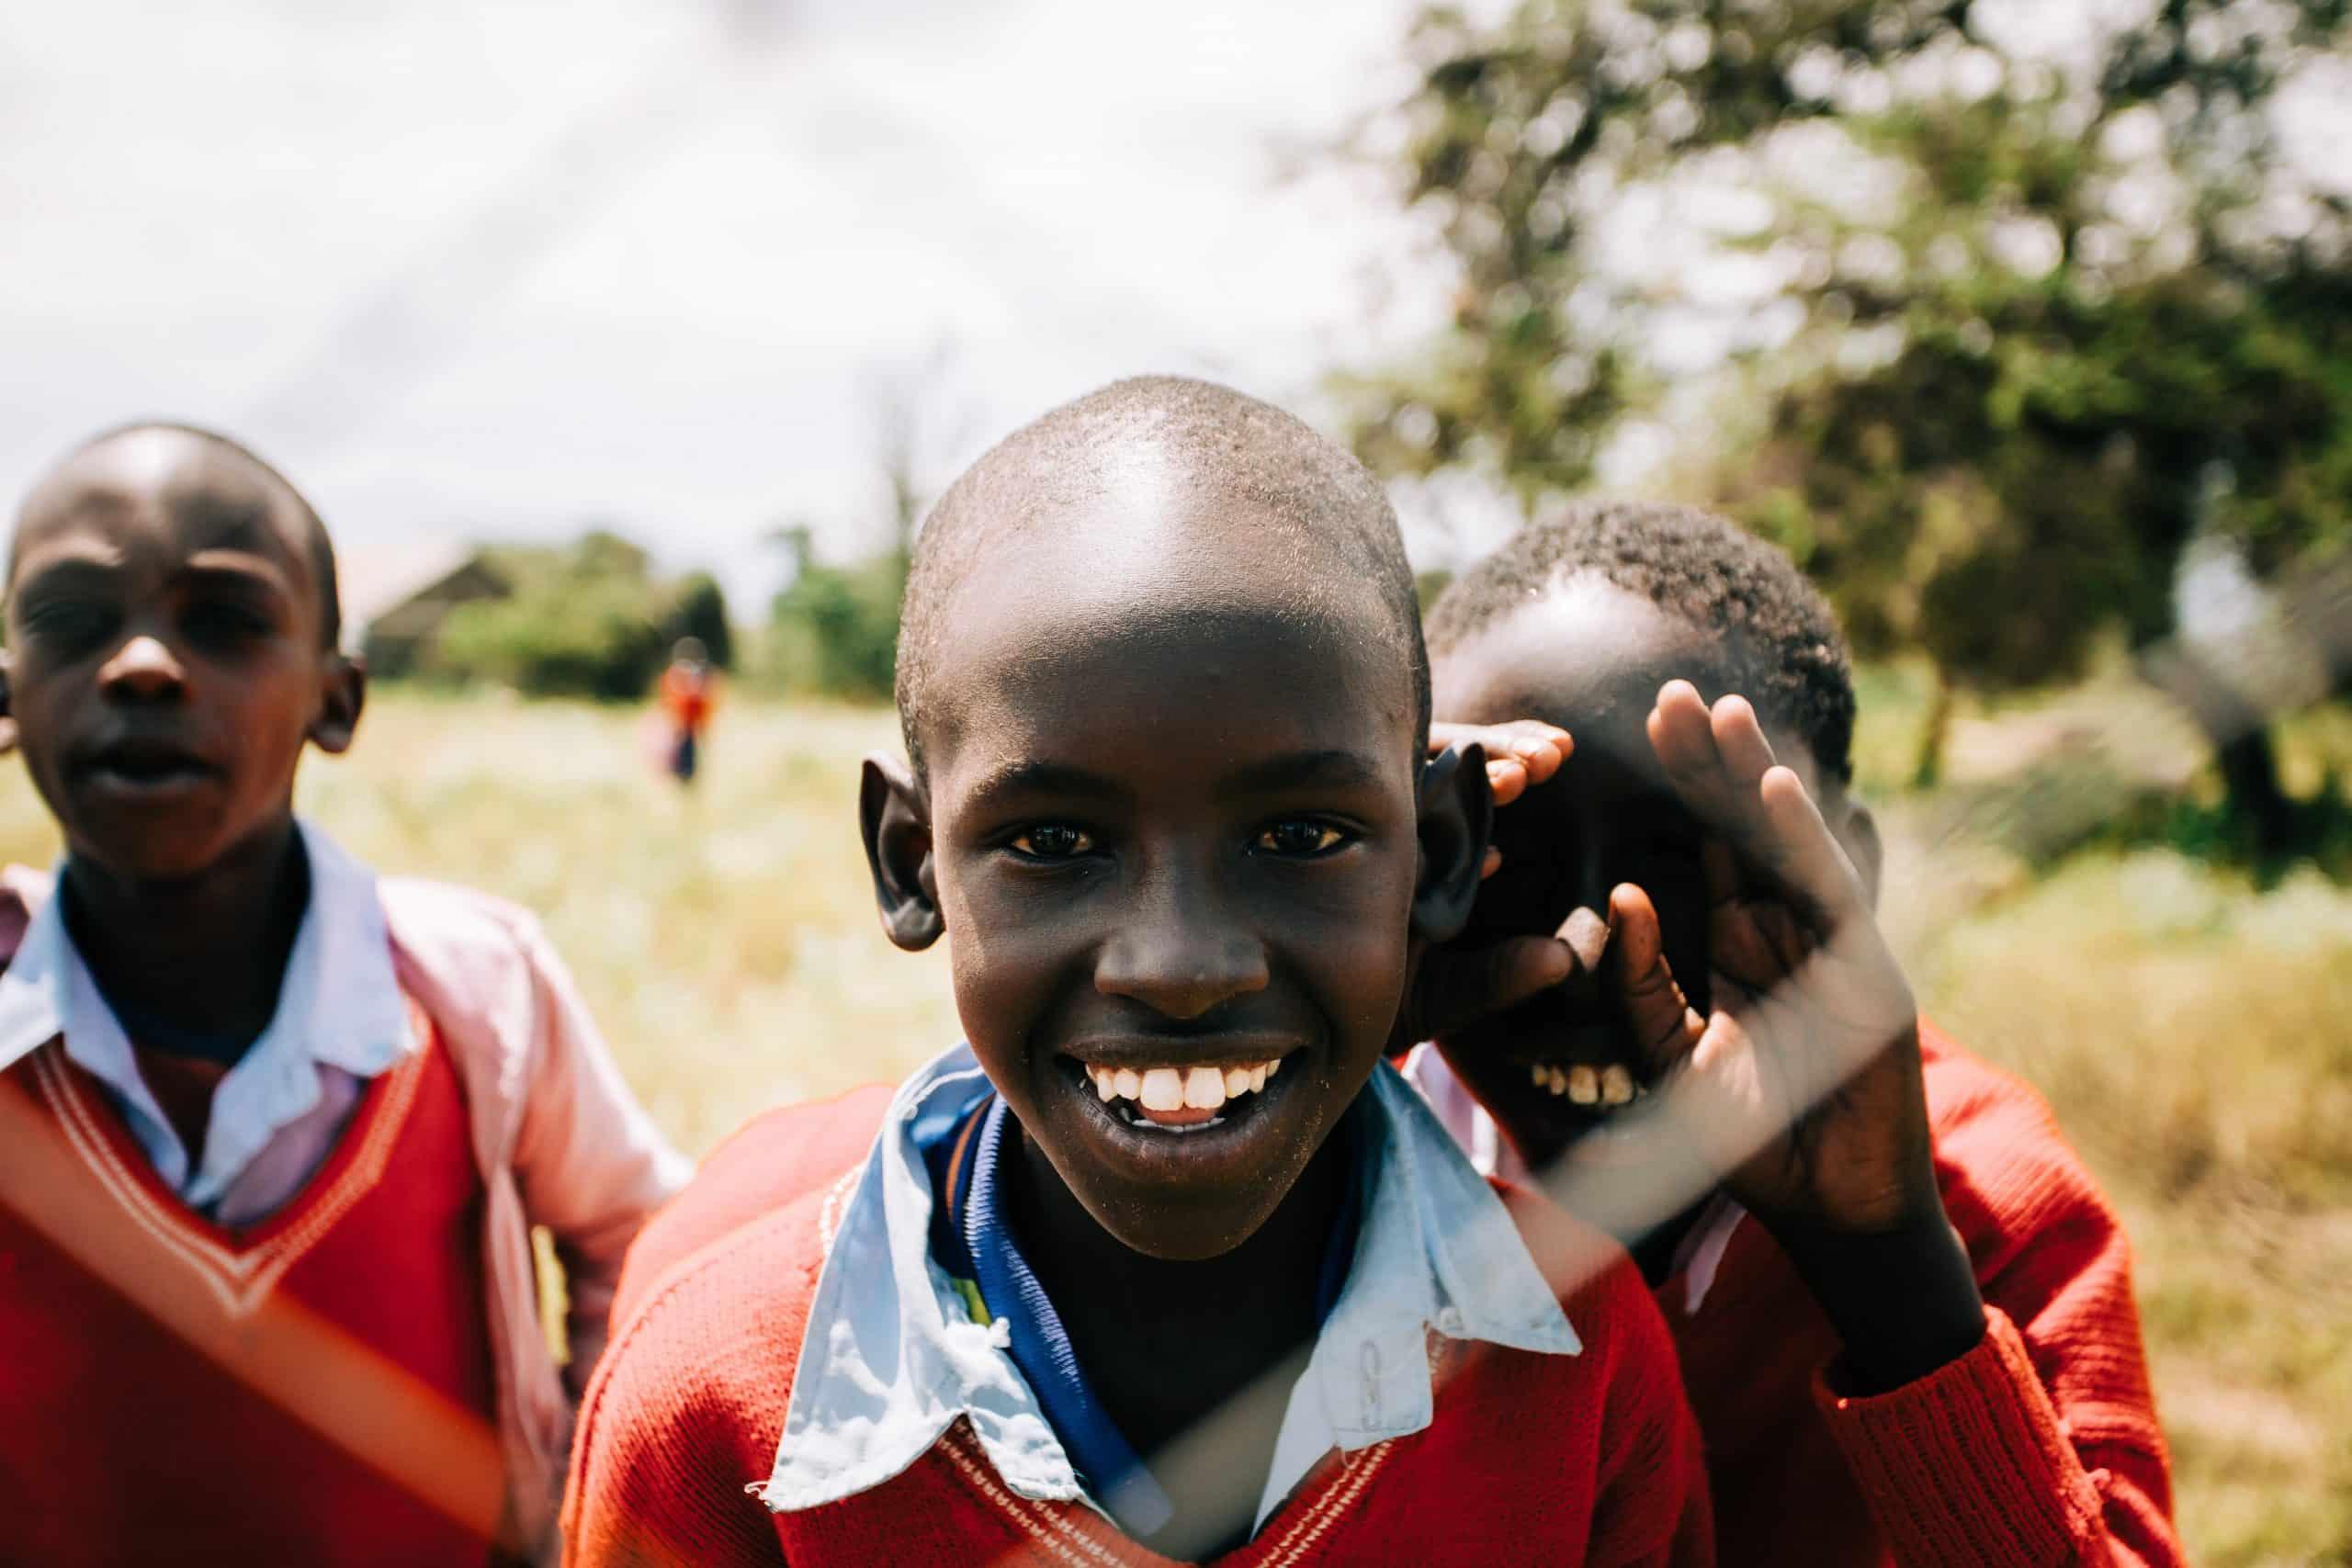 Volontariato internazionale in Kenya per lo sviluppo di una comunità